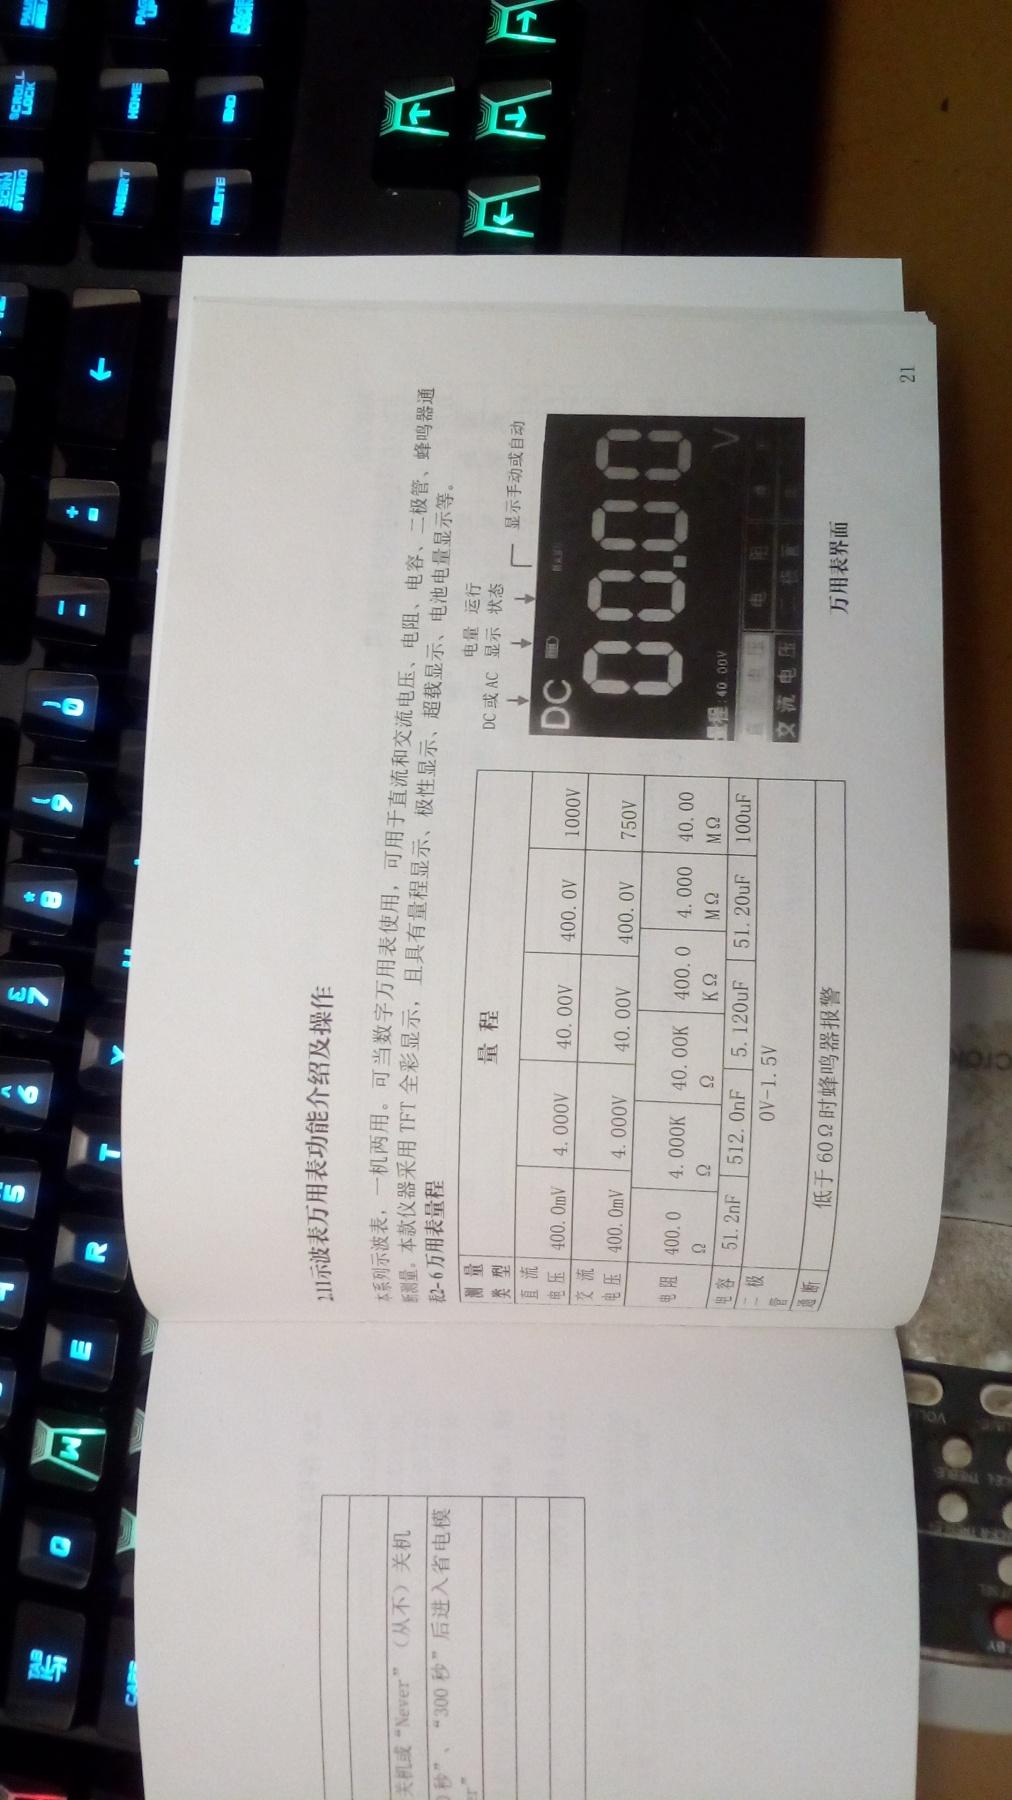 1000вольт спасск дальний режим работы